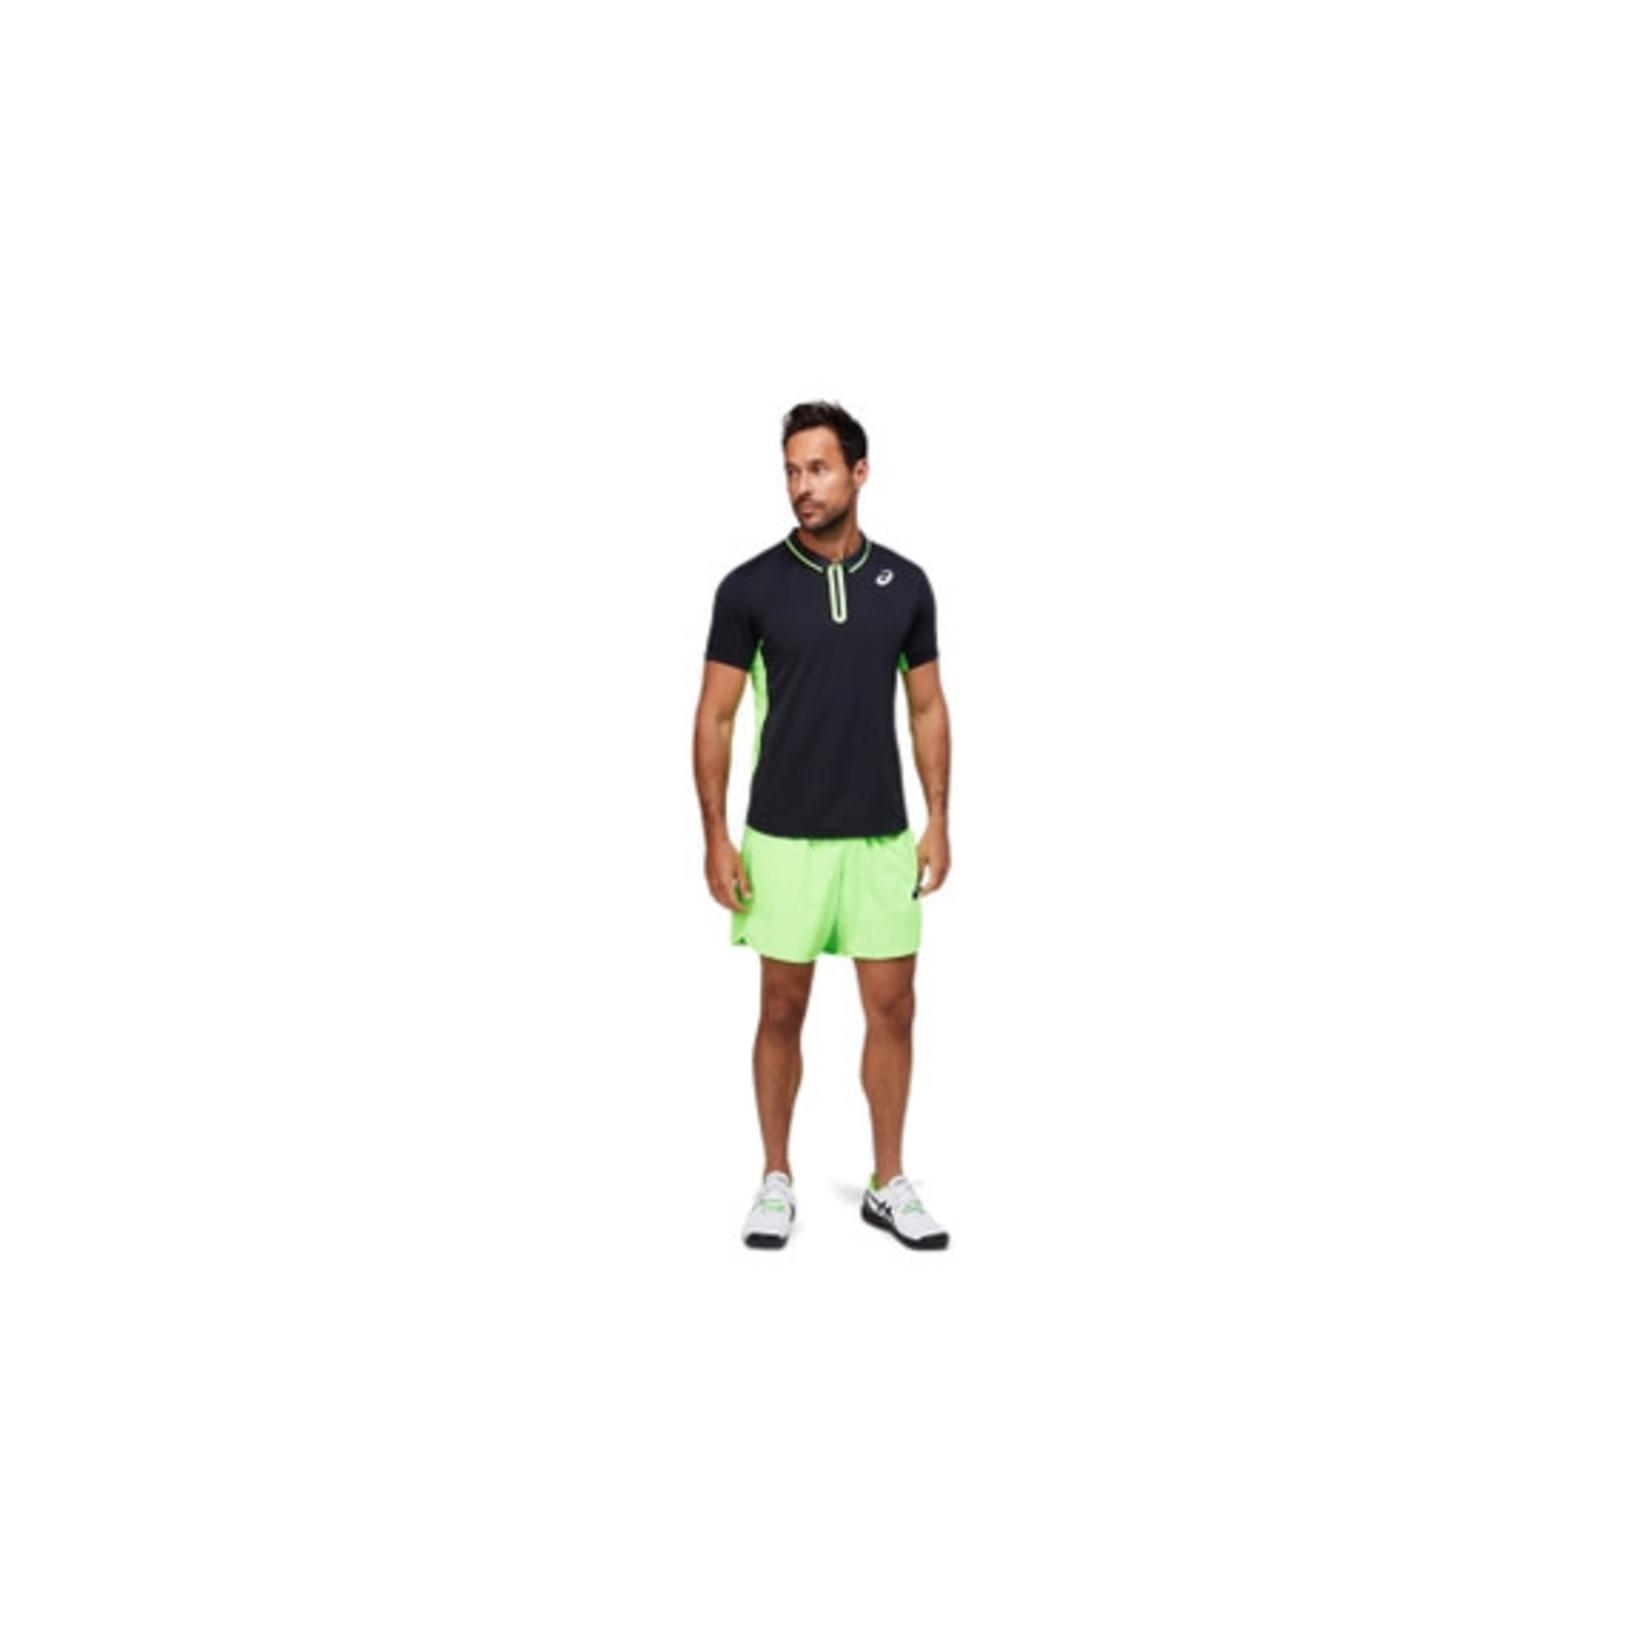 Asics Heren - Match Polo Shirt - Zwart